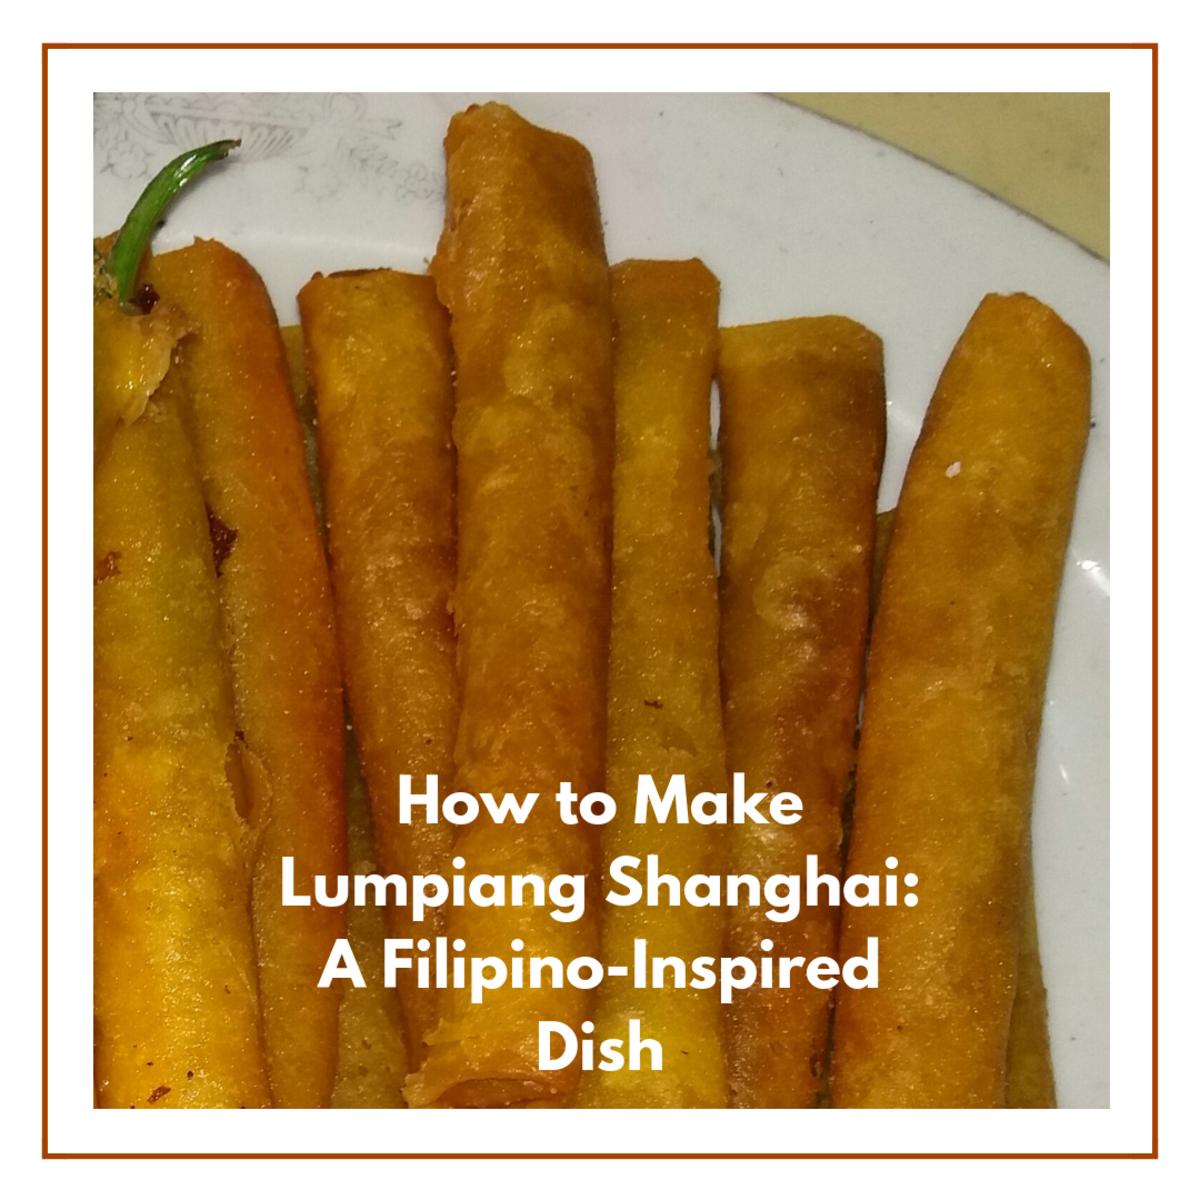 How to Make Lumpiang Shanghai: A Filipino-Inspired Dish